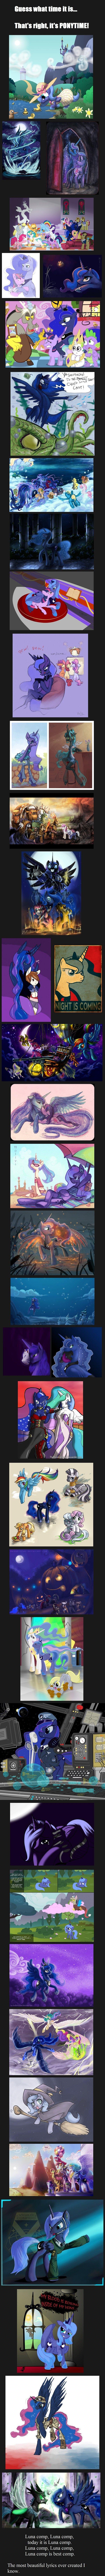 Ponycomp 208. Ponycomp 207: /channel/ponytime/Ponycomp+207/itriGvg/ DOWNLOAD LINK: docs.google.com/folder/d/0B4SOCzXHPRD..... Needs more Luna My Little Pony ponies ponytime